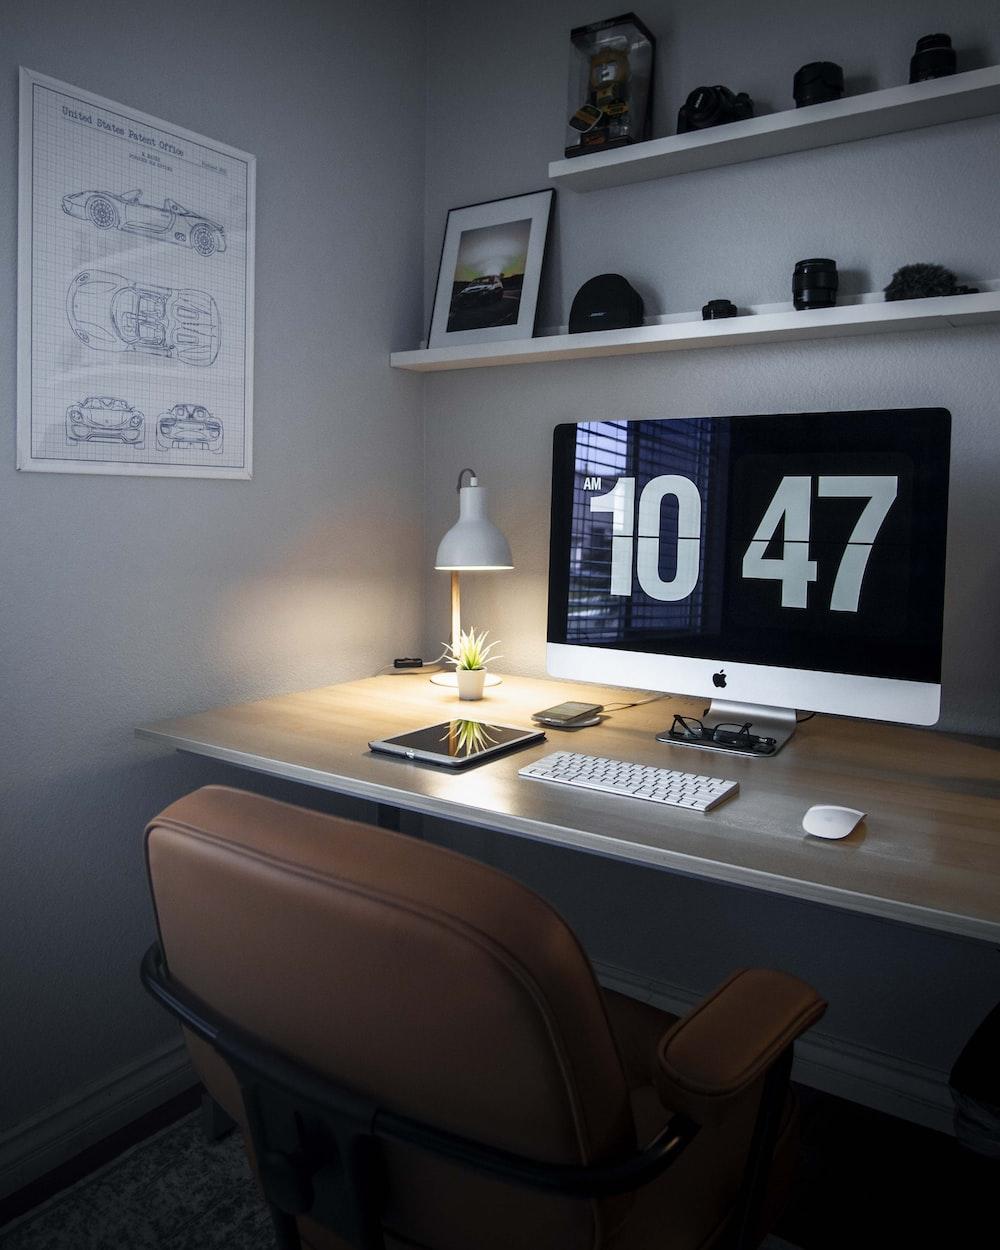 silver iMac displaying 10 47